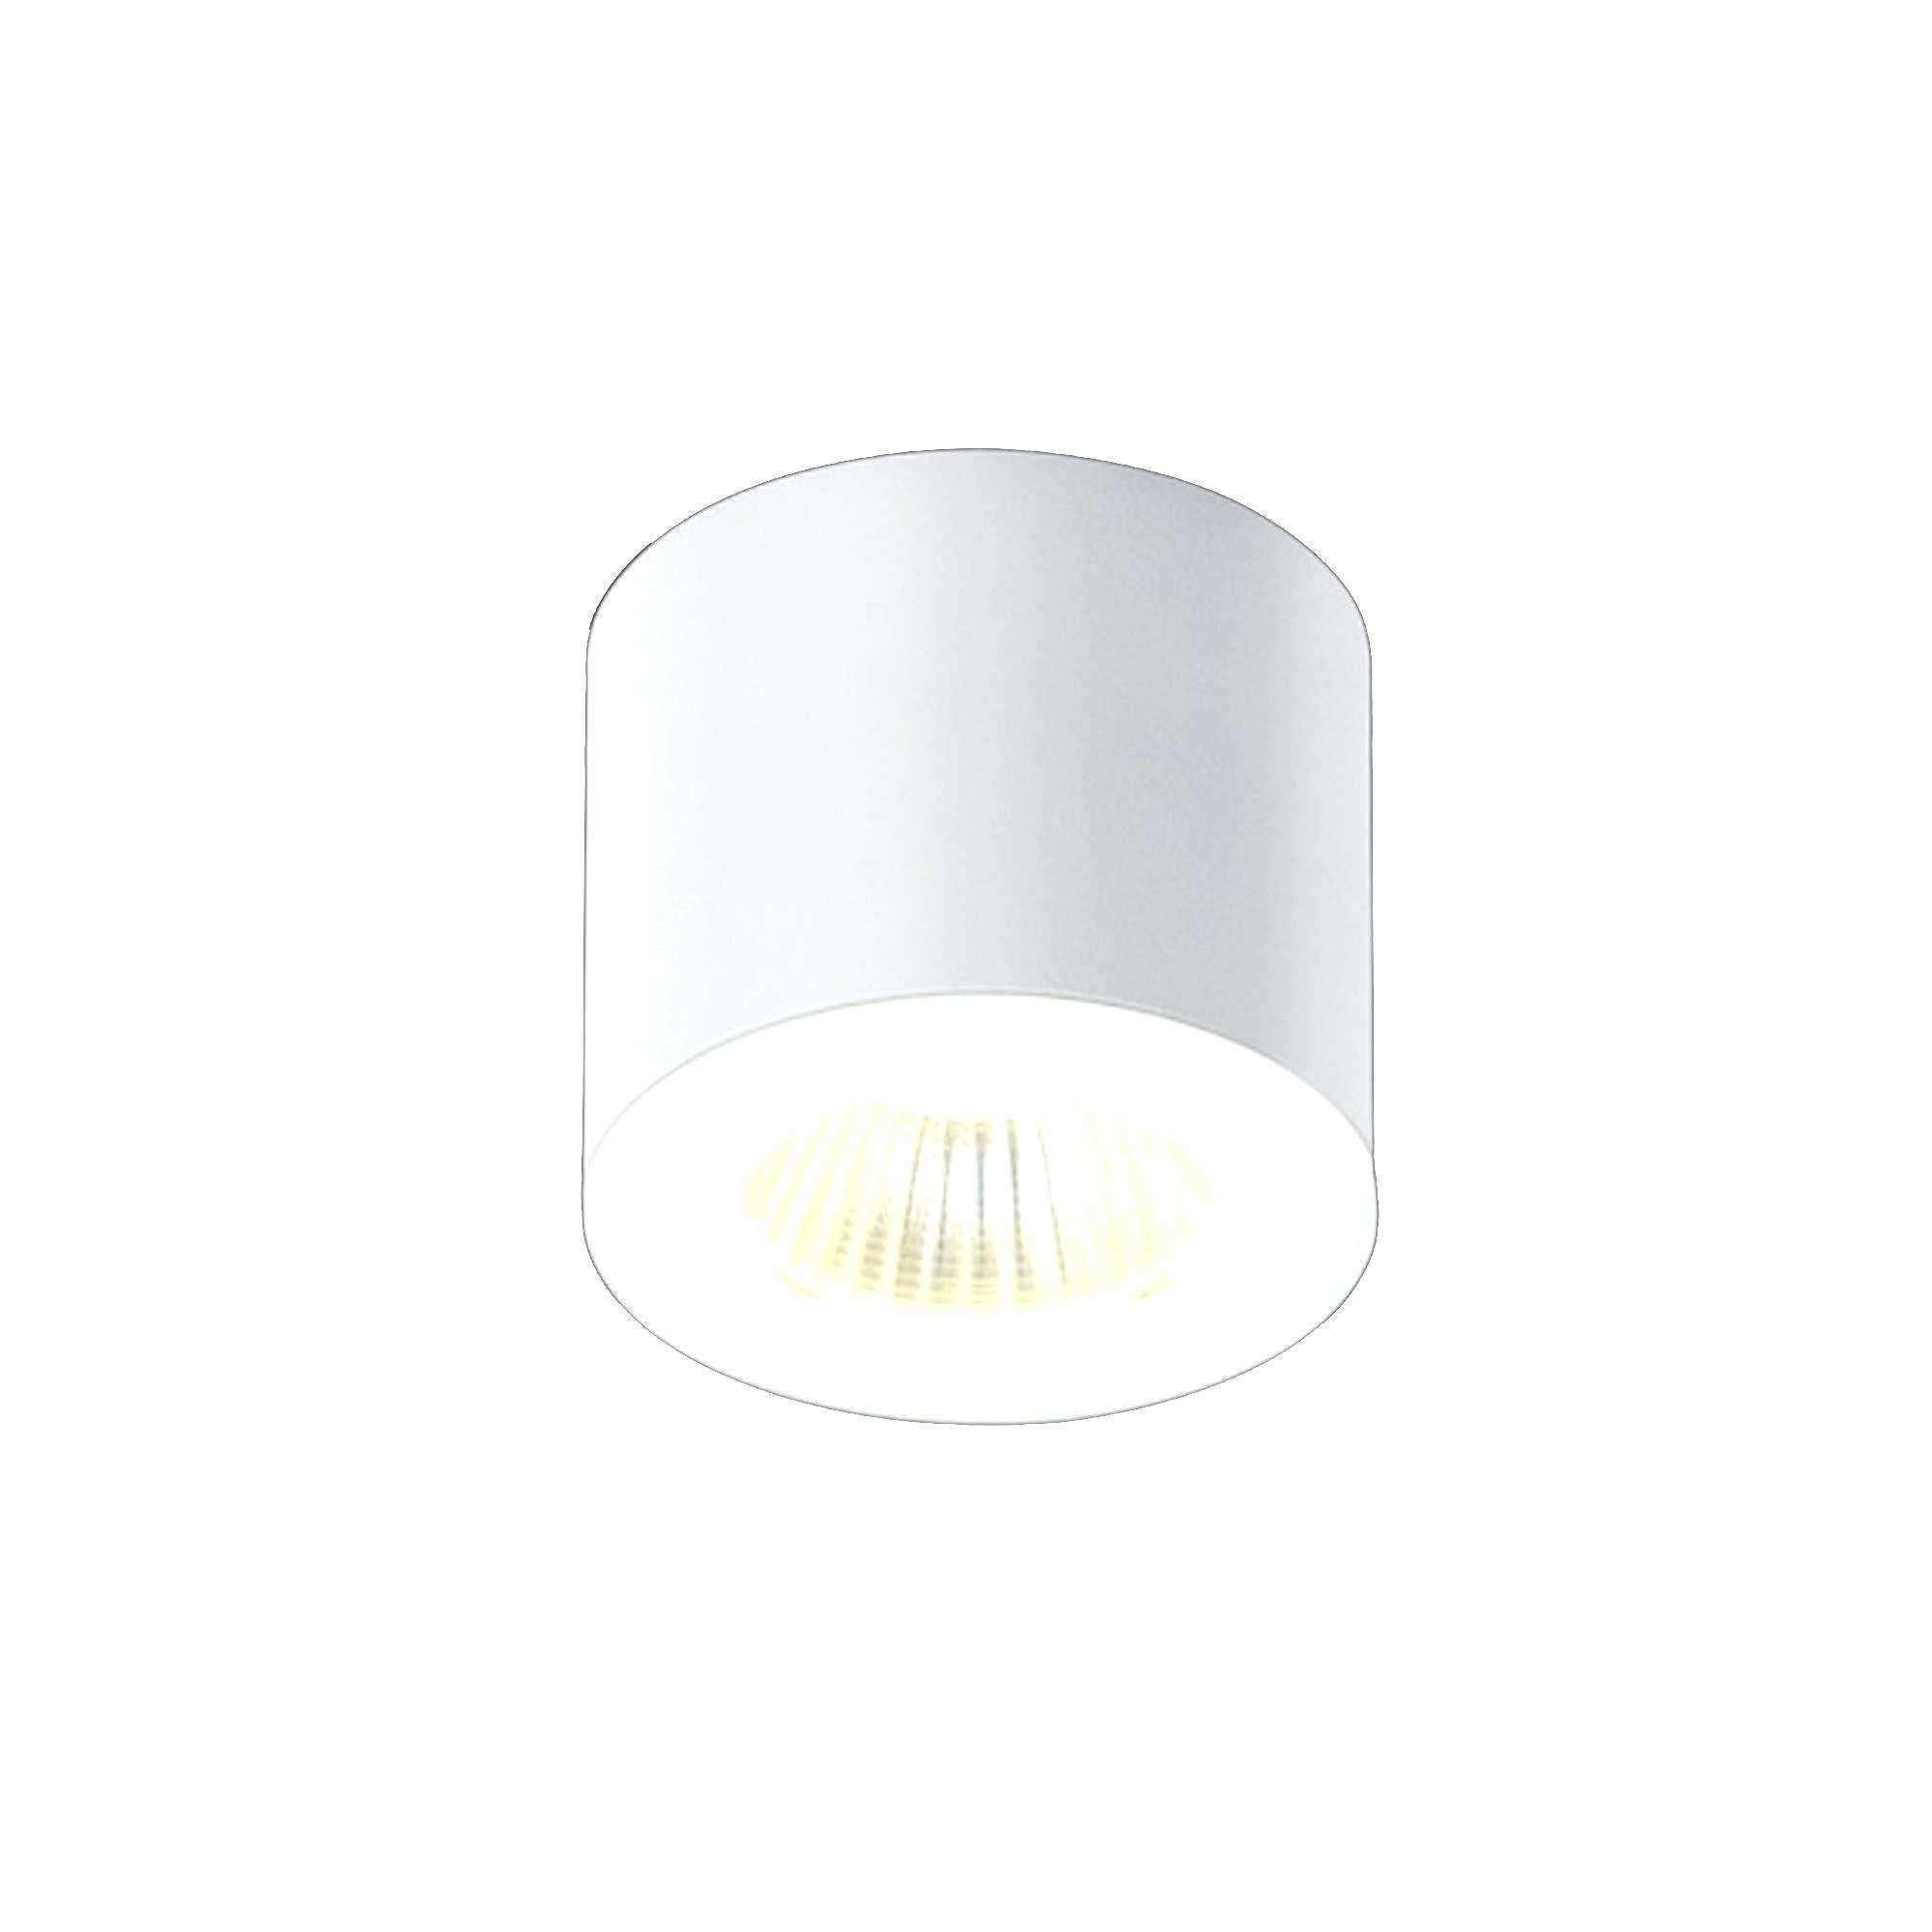 Full Size of Wohnzimmer Lampe Genial Luuk Lifestyle Schlichte Deckenlampen Deckenlampe Schlafzimmer Esstisch Skandinavisch Küche Für Modern Bett Bad Wohnzimmer Deckenlampe Skandinavisch